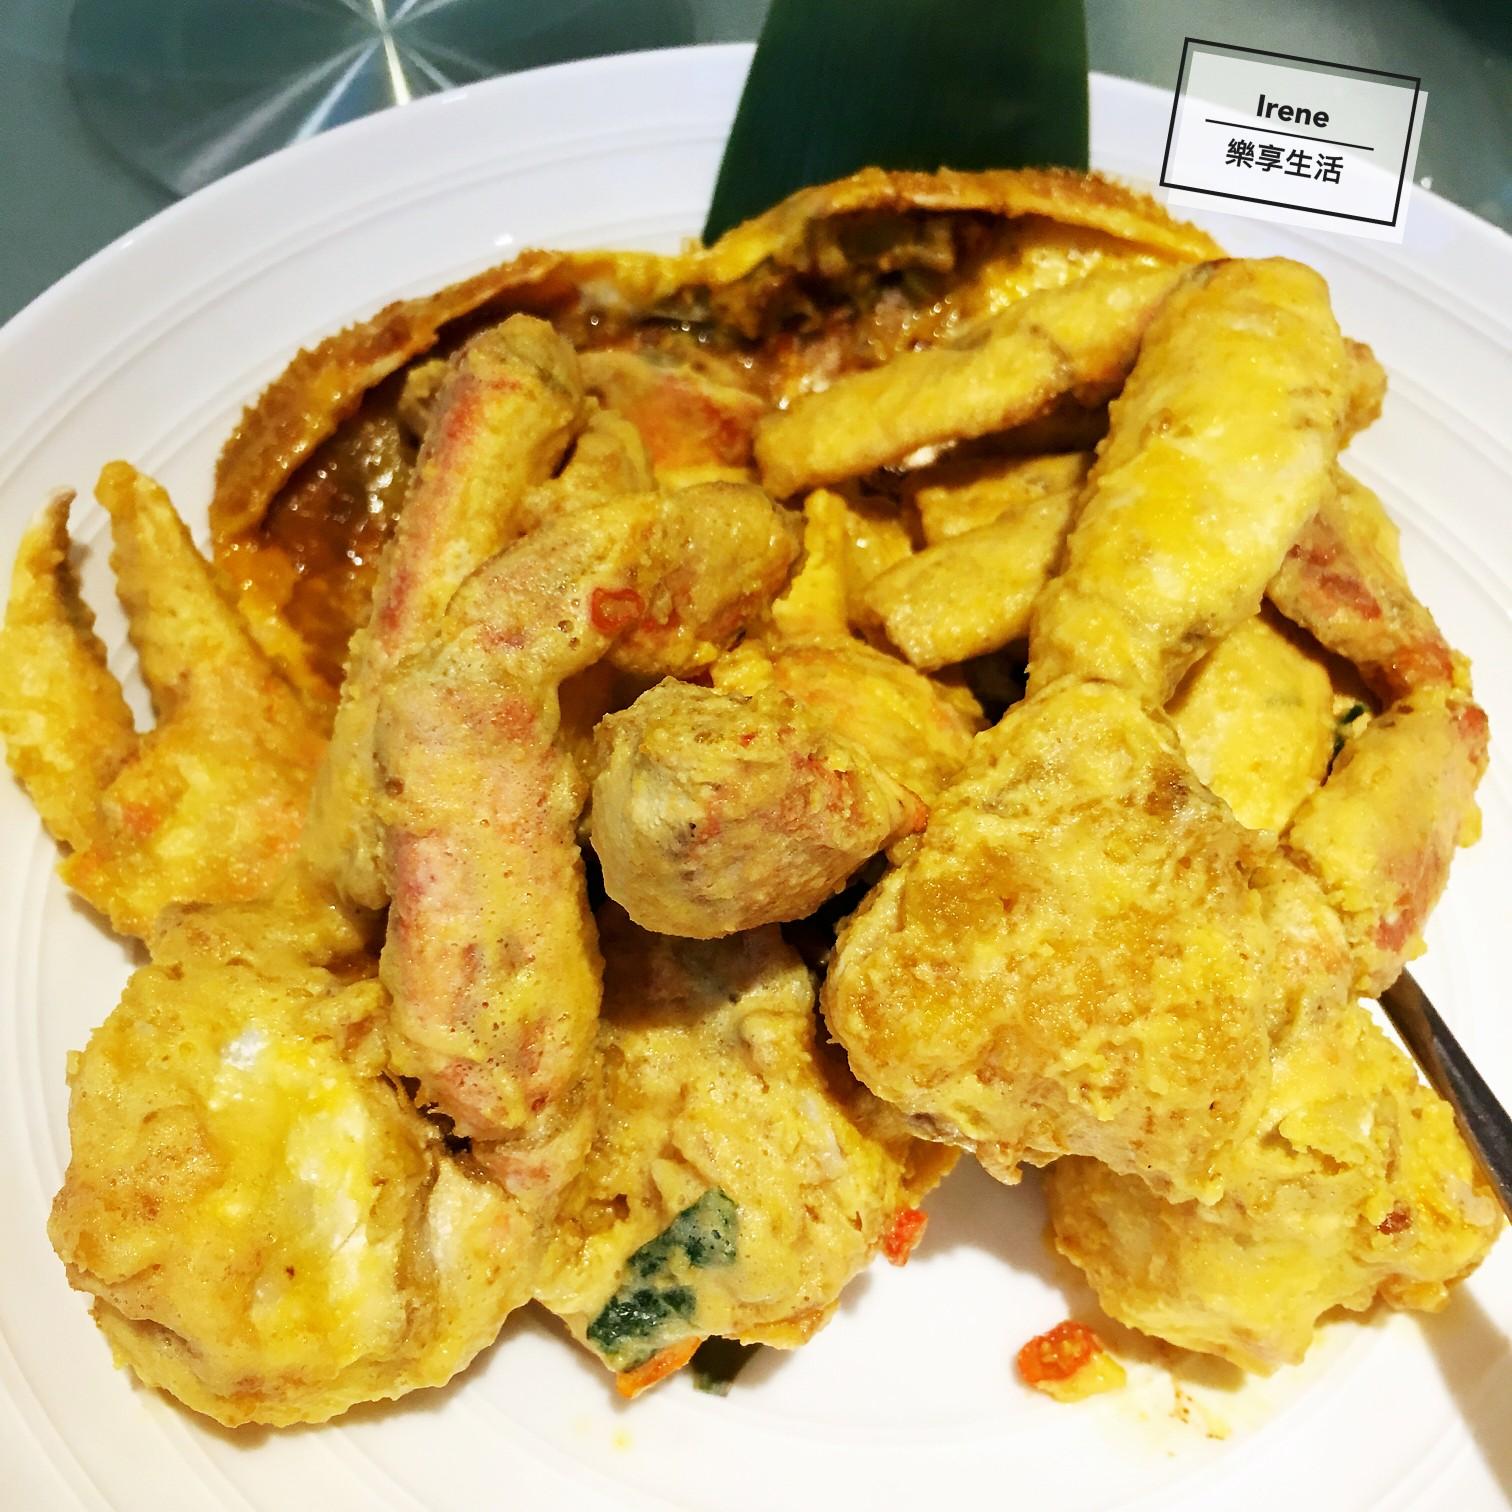 上海美食推薦-新加坡珍寶海鮮Jumbo Seafood鹹蛋黃炒蟹